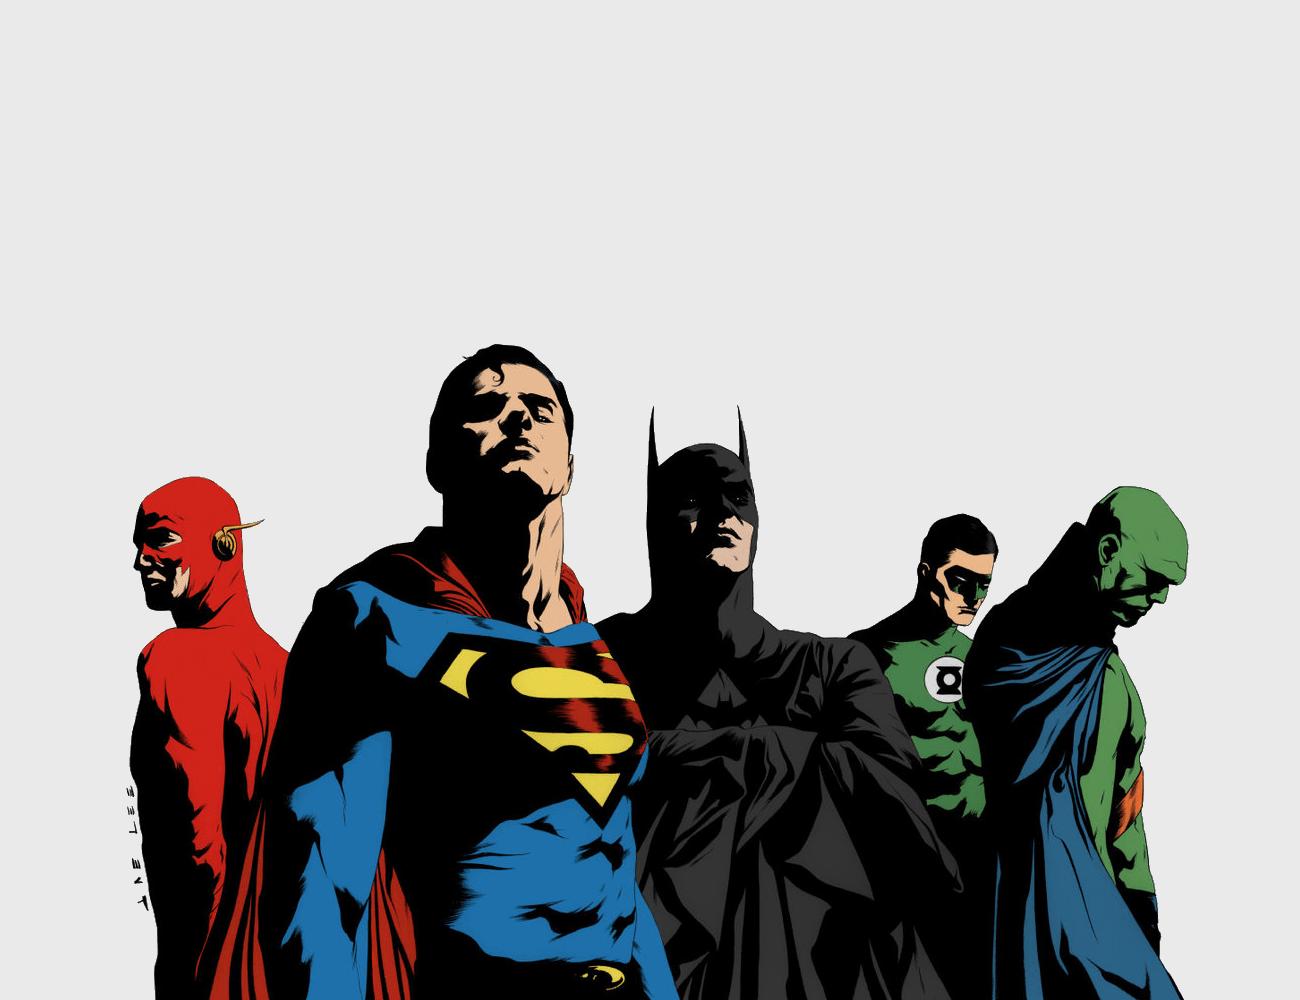 Superhero Wallpapers - Wallpaper Cave